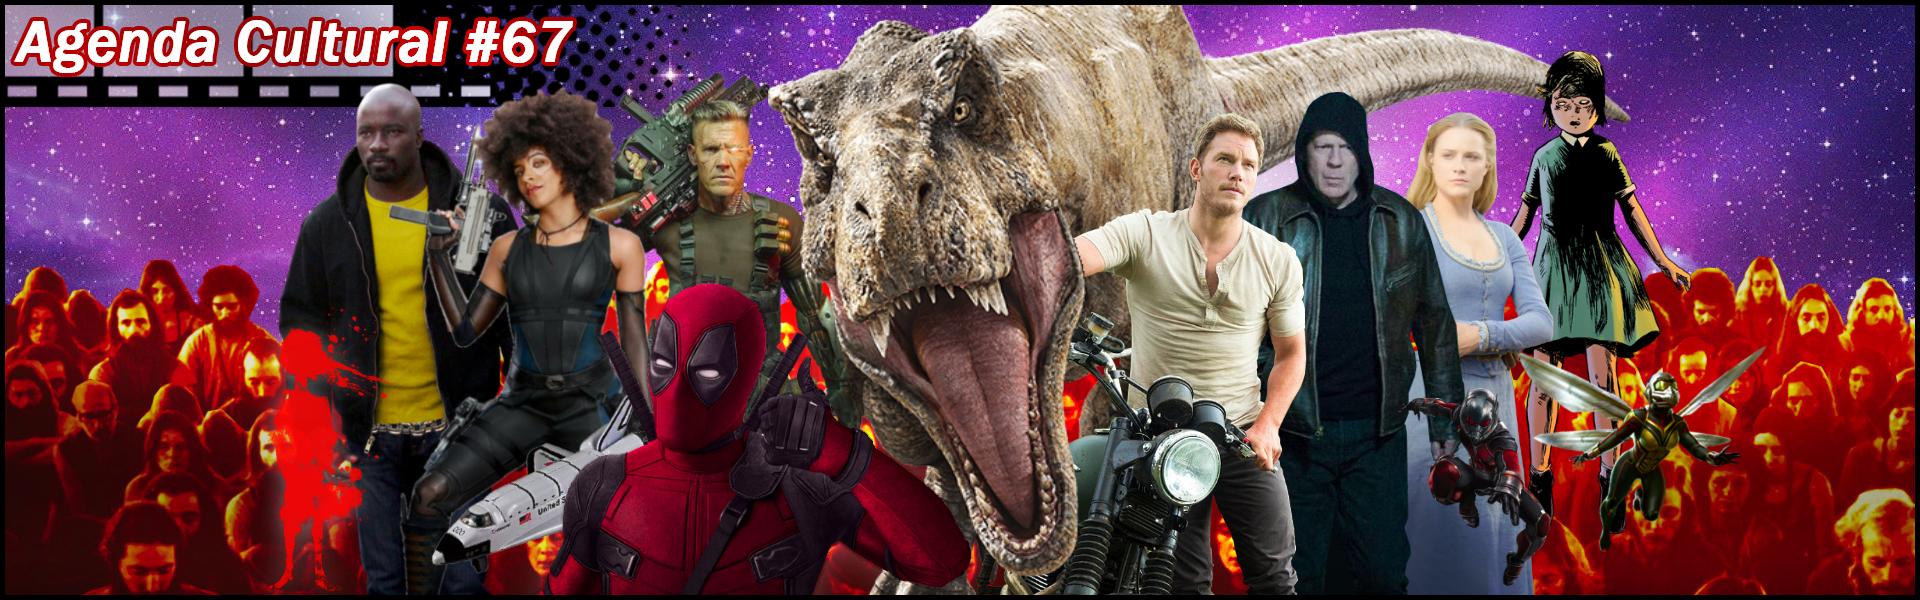 Agenda Cultural 67 | Jurassic World, Marvel, Westworld e muito mais